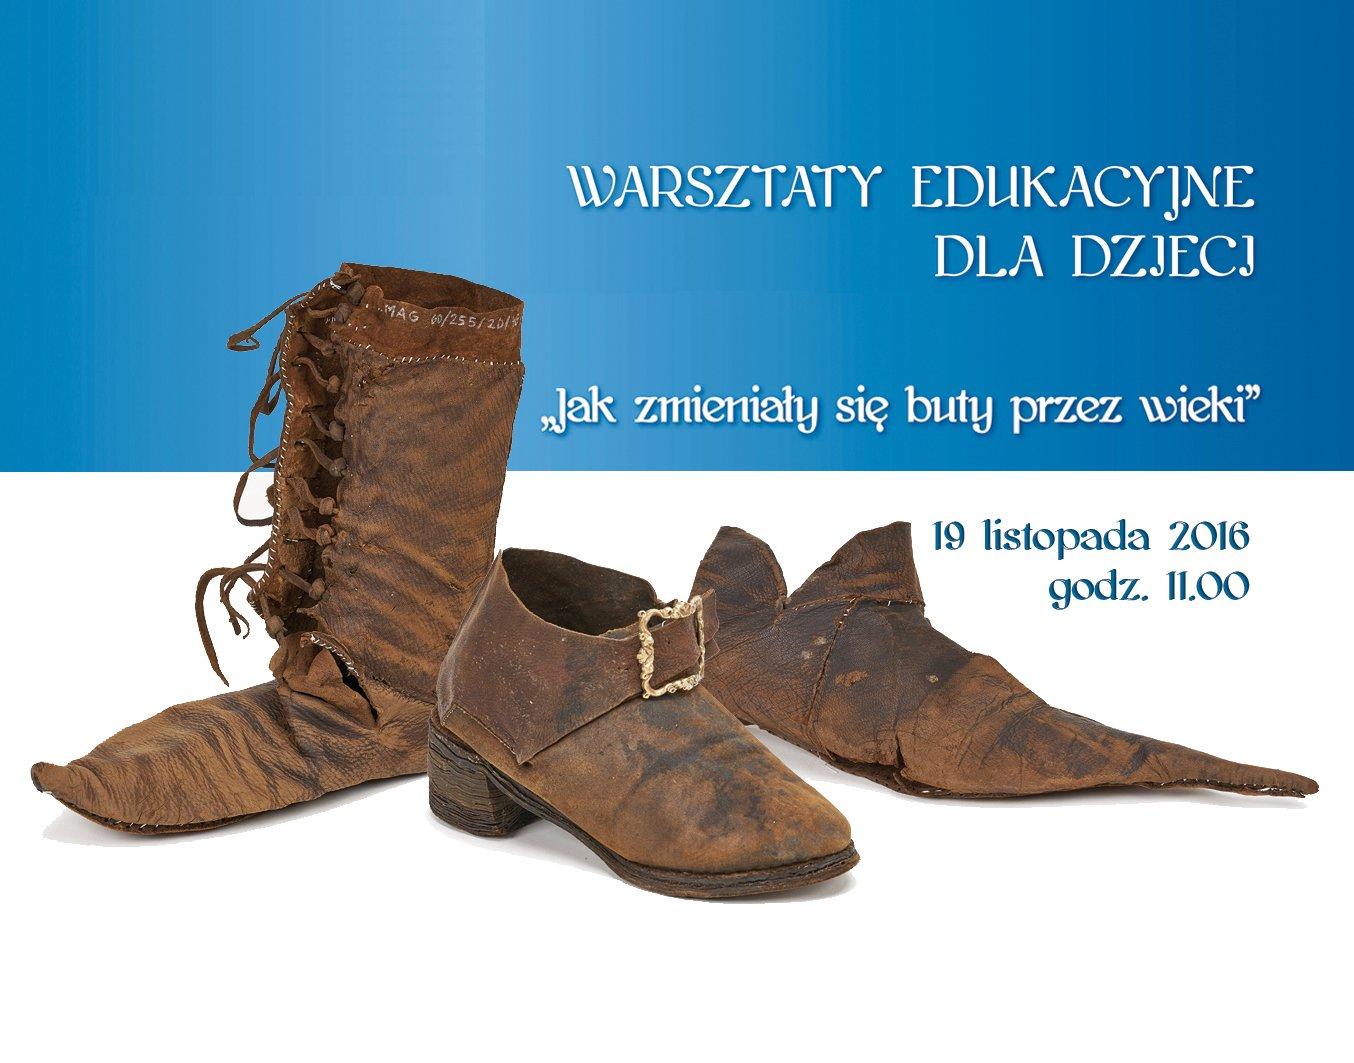 warsztaty muzeum archeologiczne buty historia